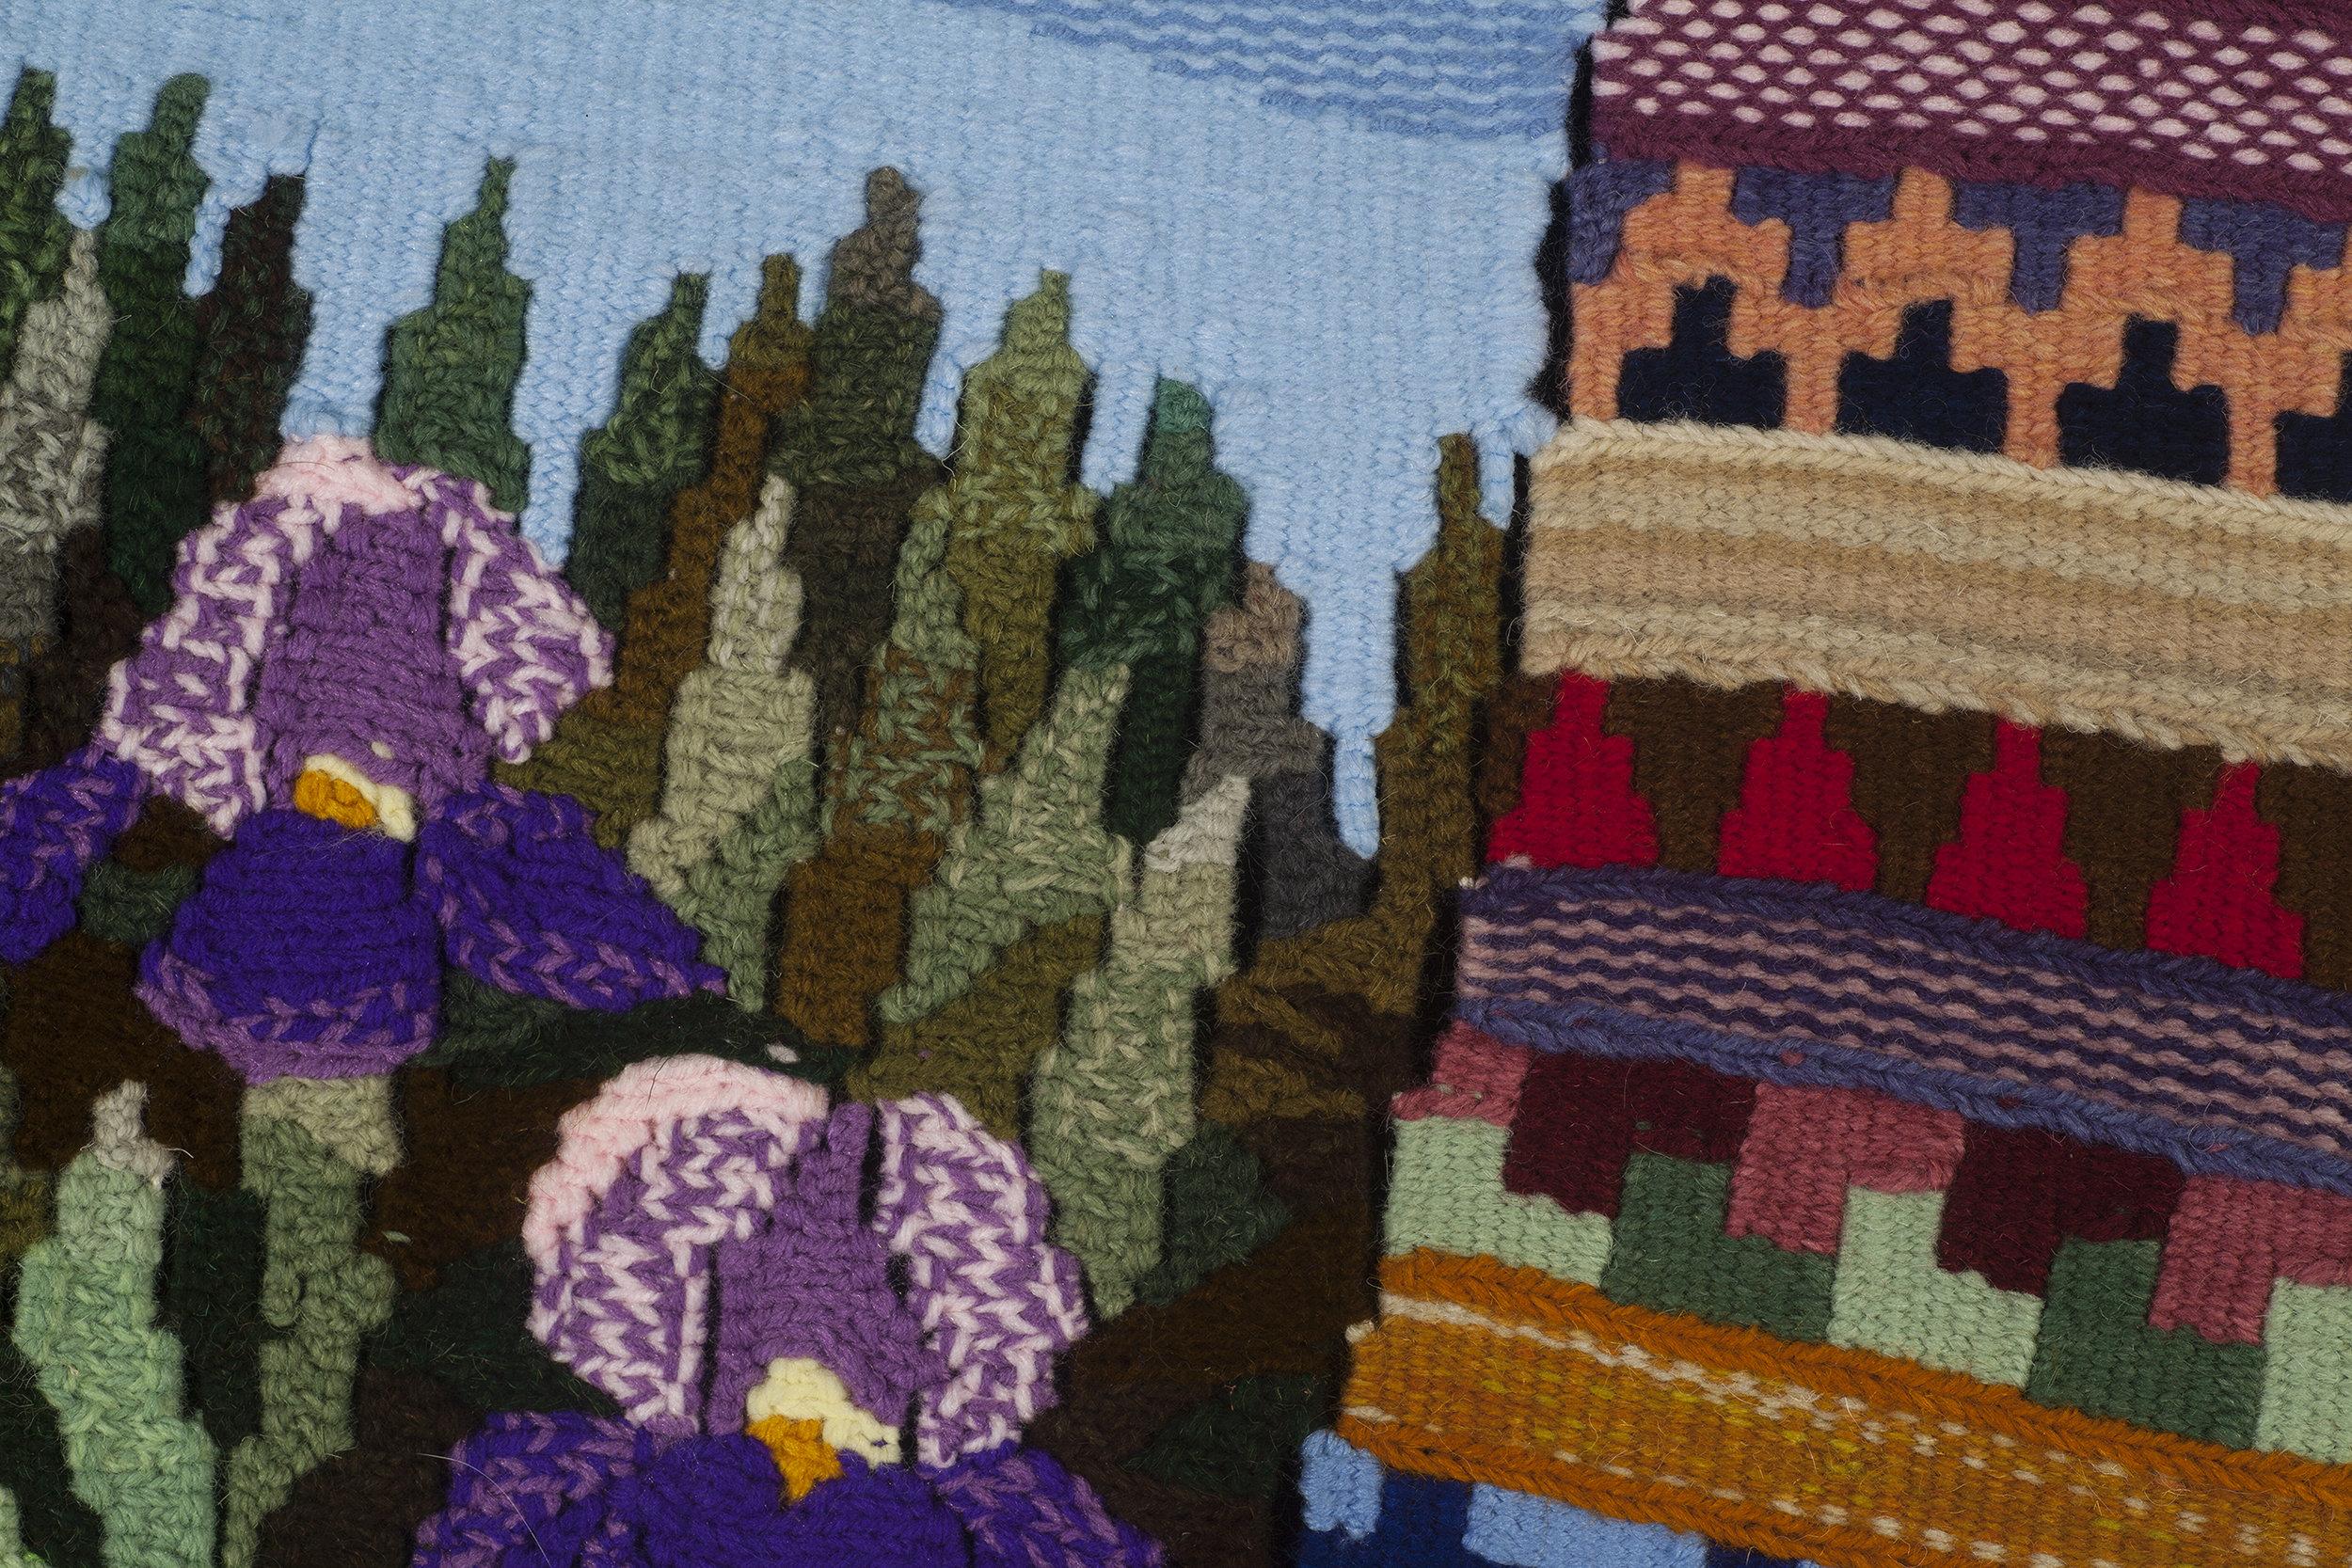 David Johnson - D Johnson 2015 Weavers Garden (detail).jpg